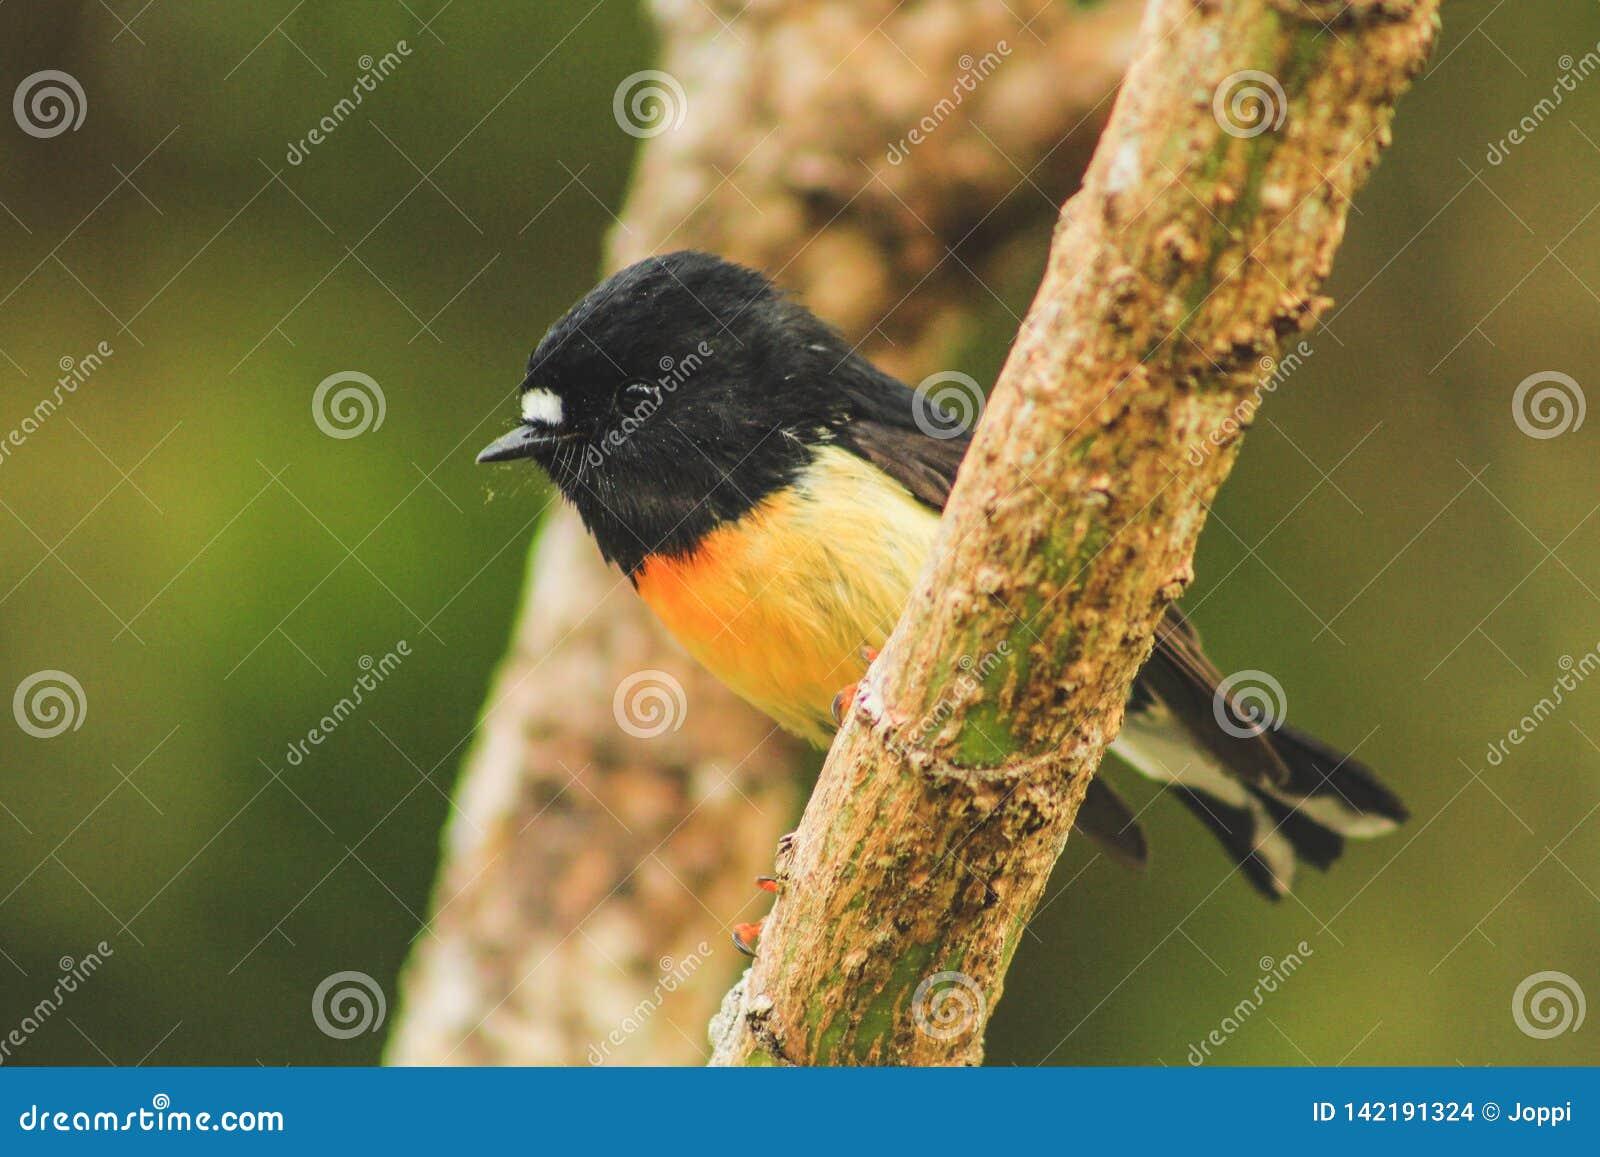 Männliches tomtit, Südinselunterart, gebürtiger Neuseeland-Vogel, der im Baum auf Täuschungs-Hügel sitzt